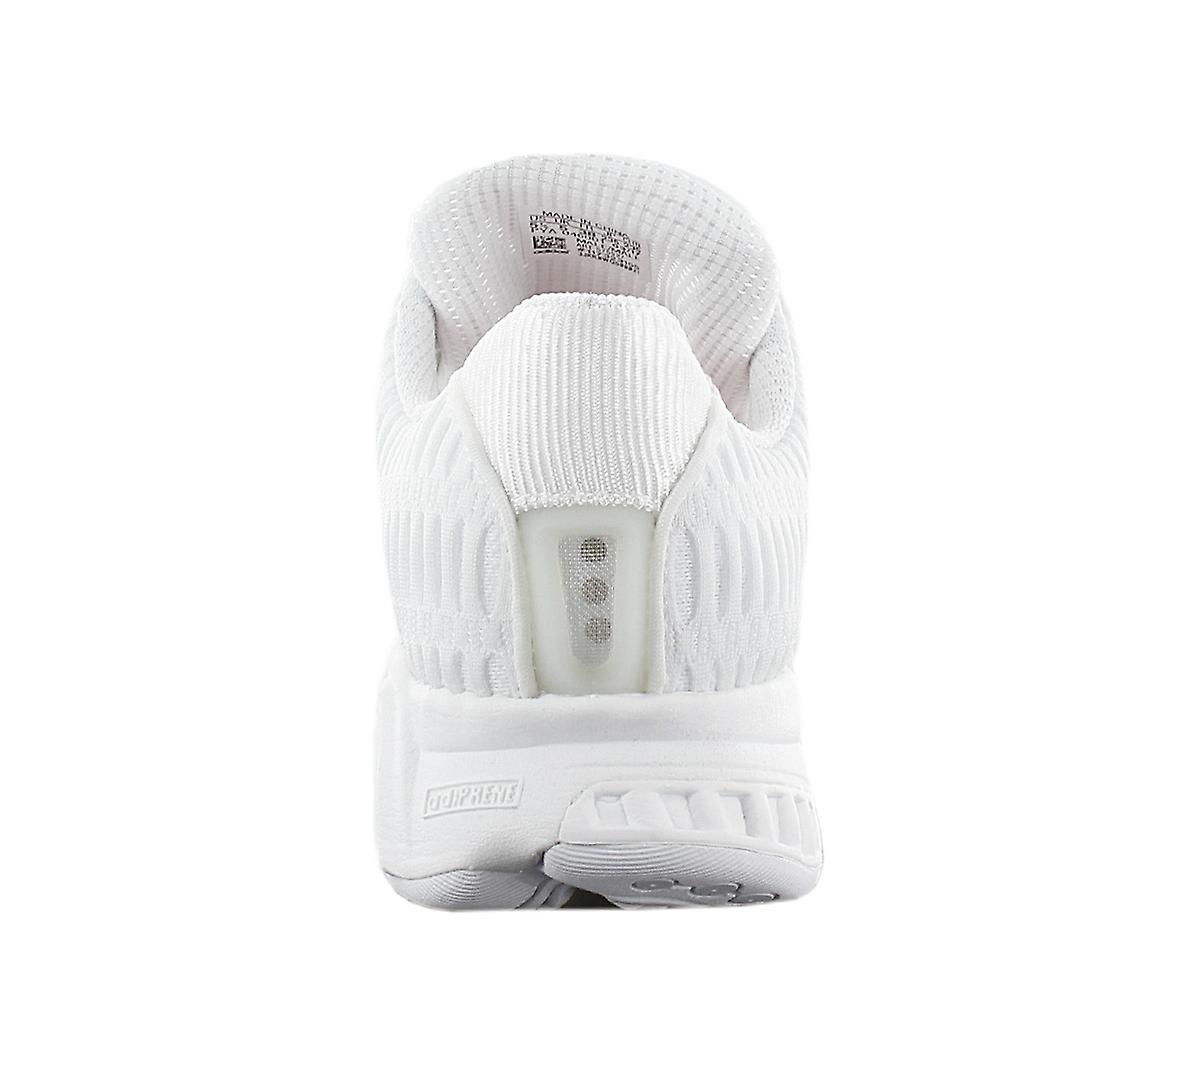 Adidas ClimaCool 1 S75927 sko hvit sneaker sport sko